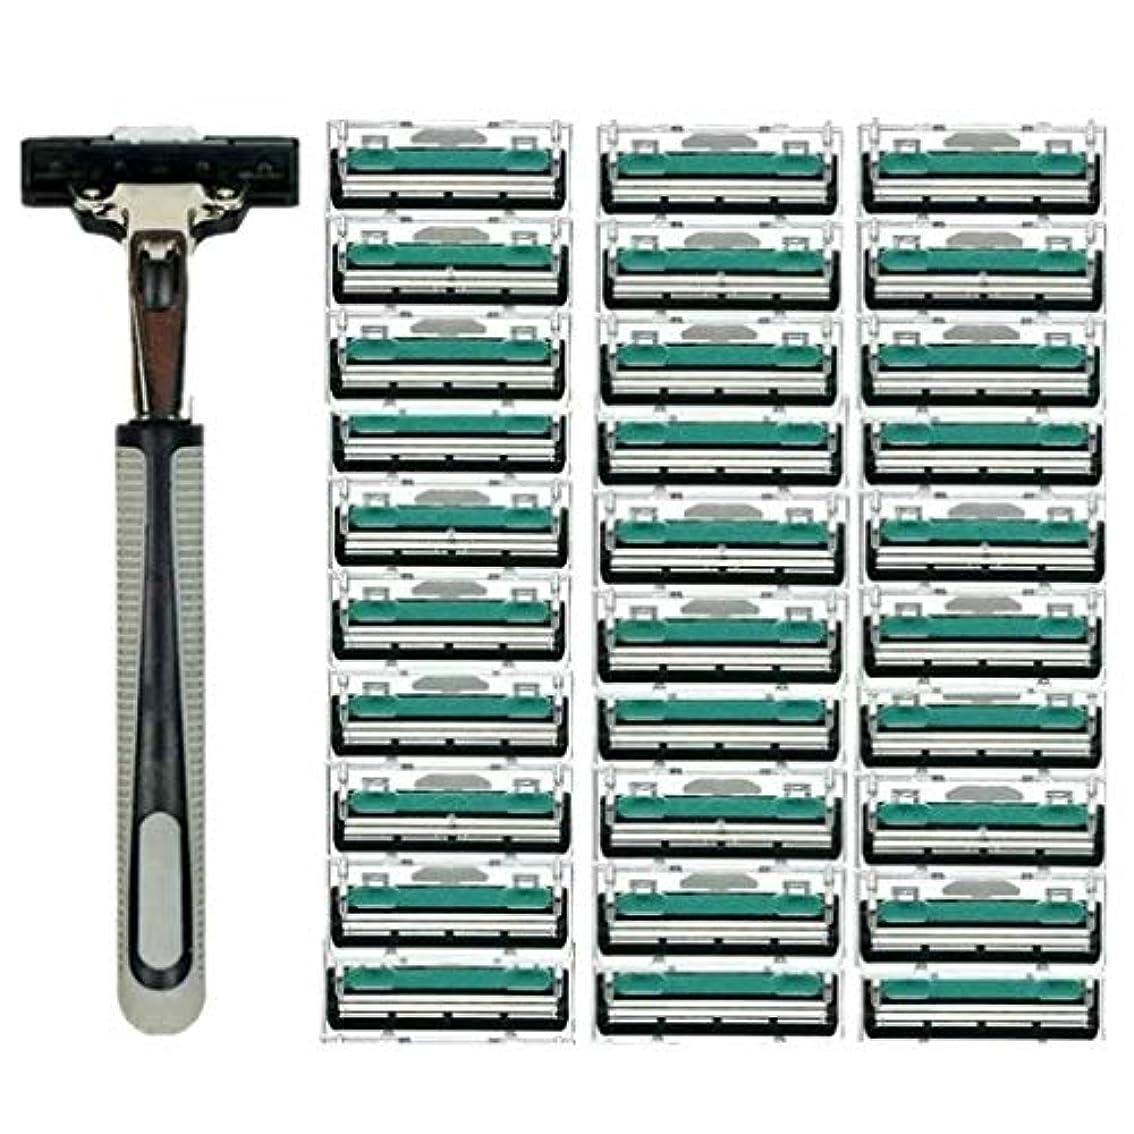 キノコ遠足助けになるKOROWA髭剃り 男性カミソリ 替刃30個付 安全性 大容量 …